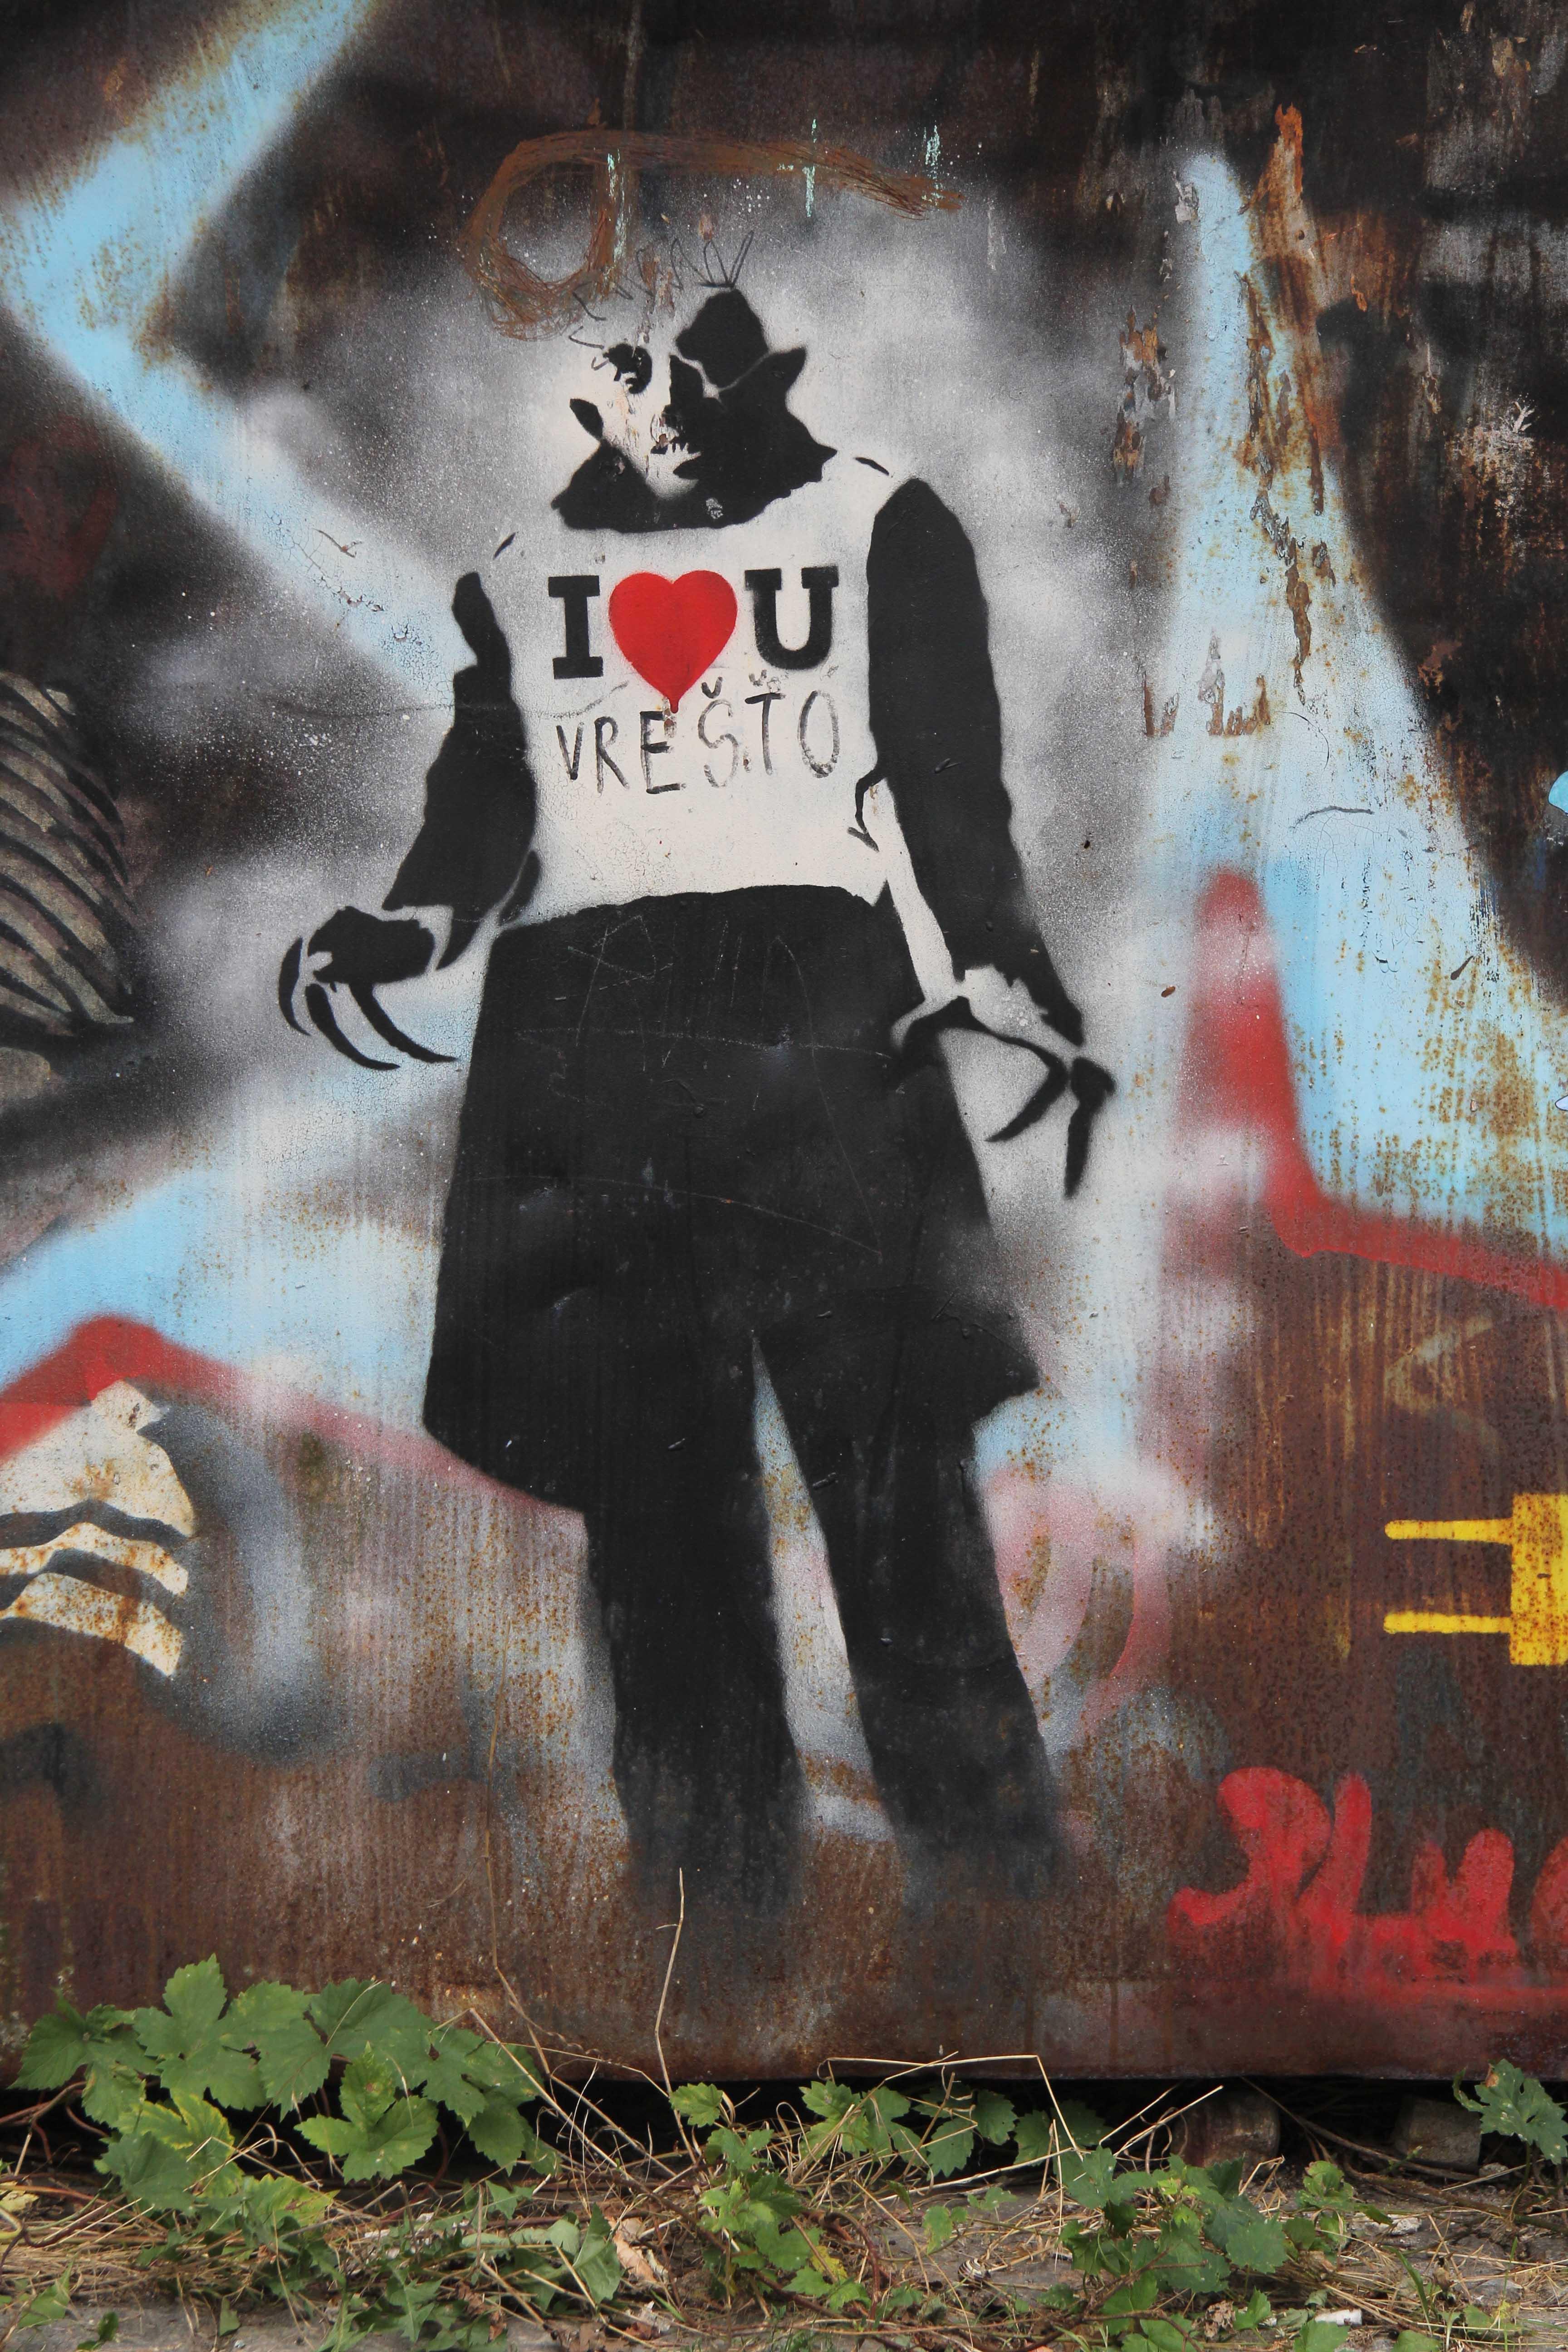 I <3 U (Don't Be Scared): Street Art by Unknown Artist in Berlin